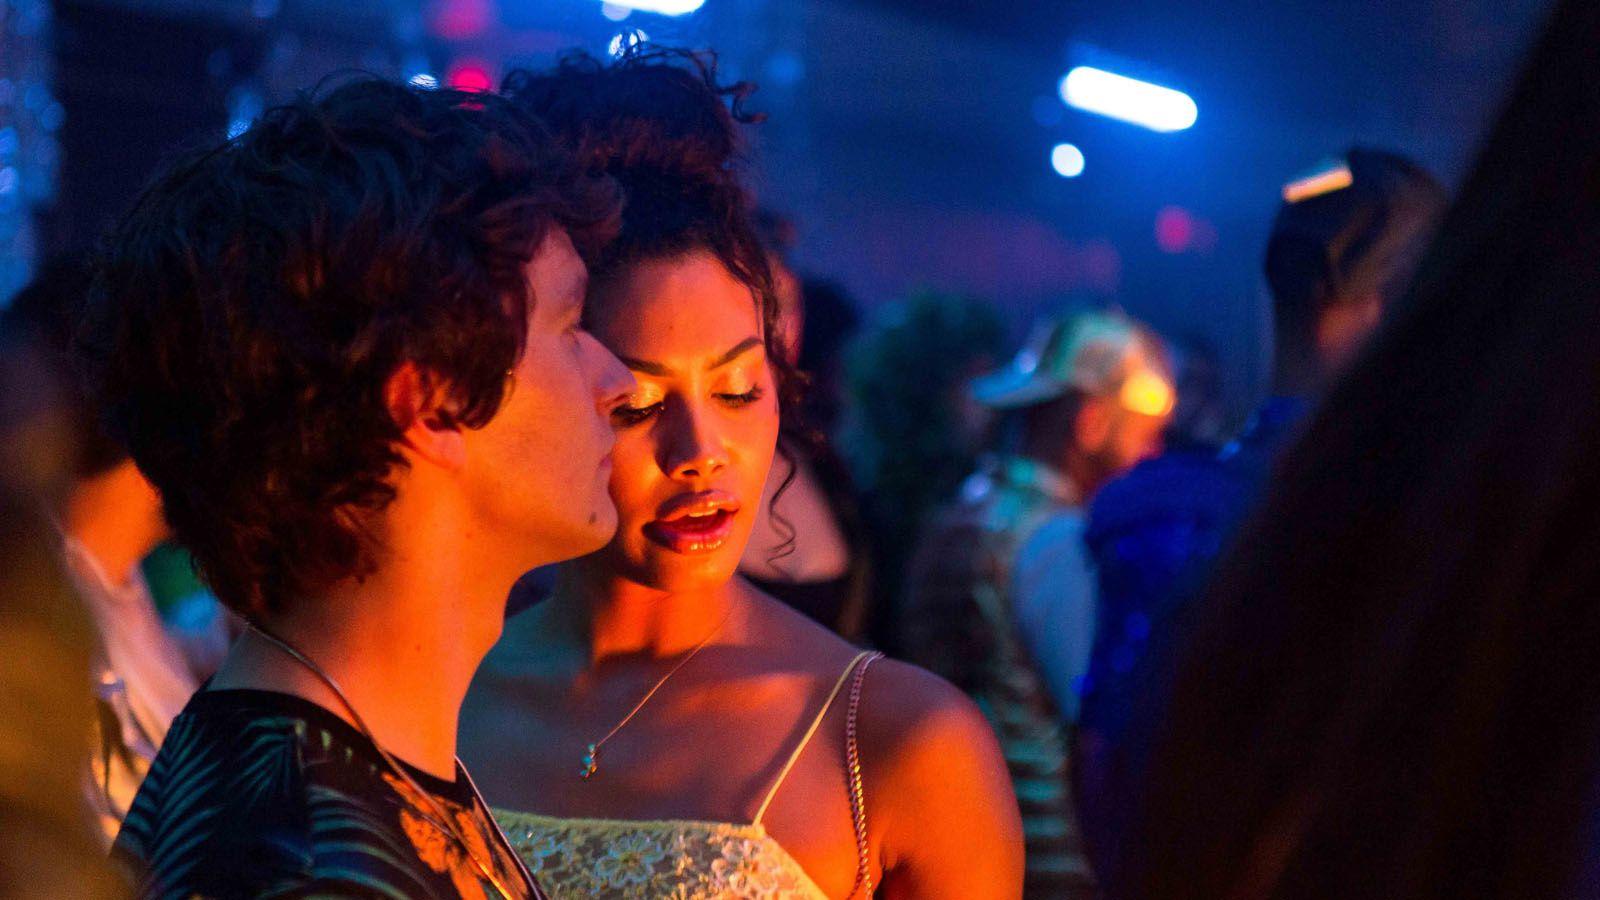 Port Authority (BANDE-ANNONCE) de Danielle Lessovitz - Le 25 septembre 2019 au cinéma